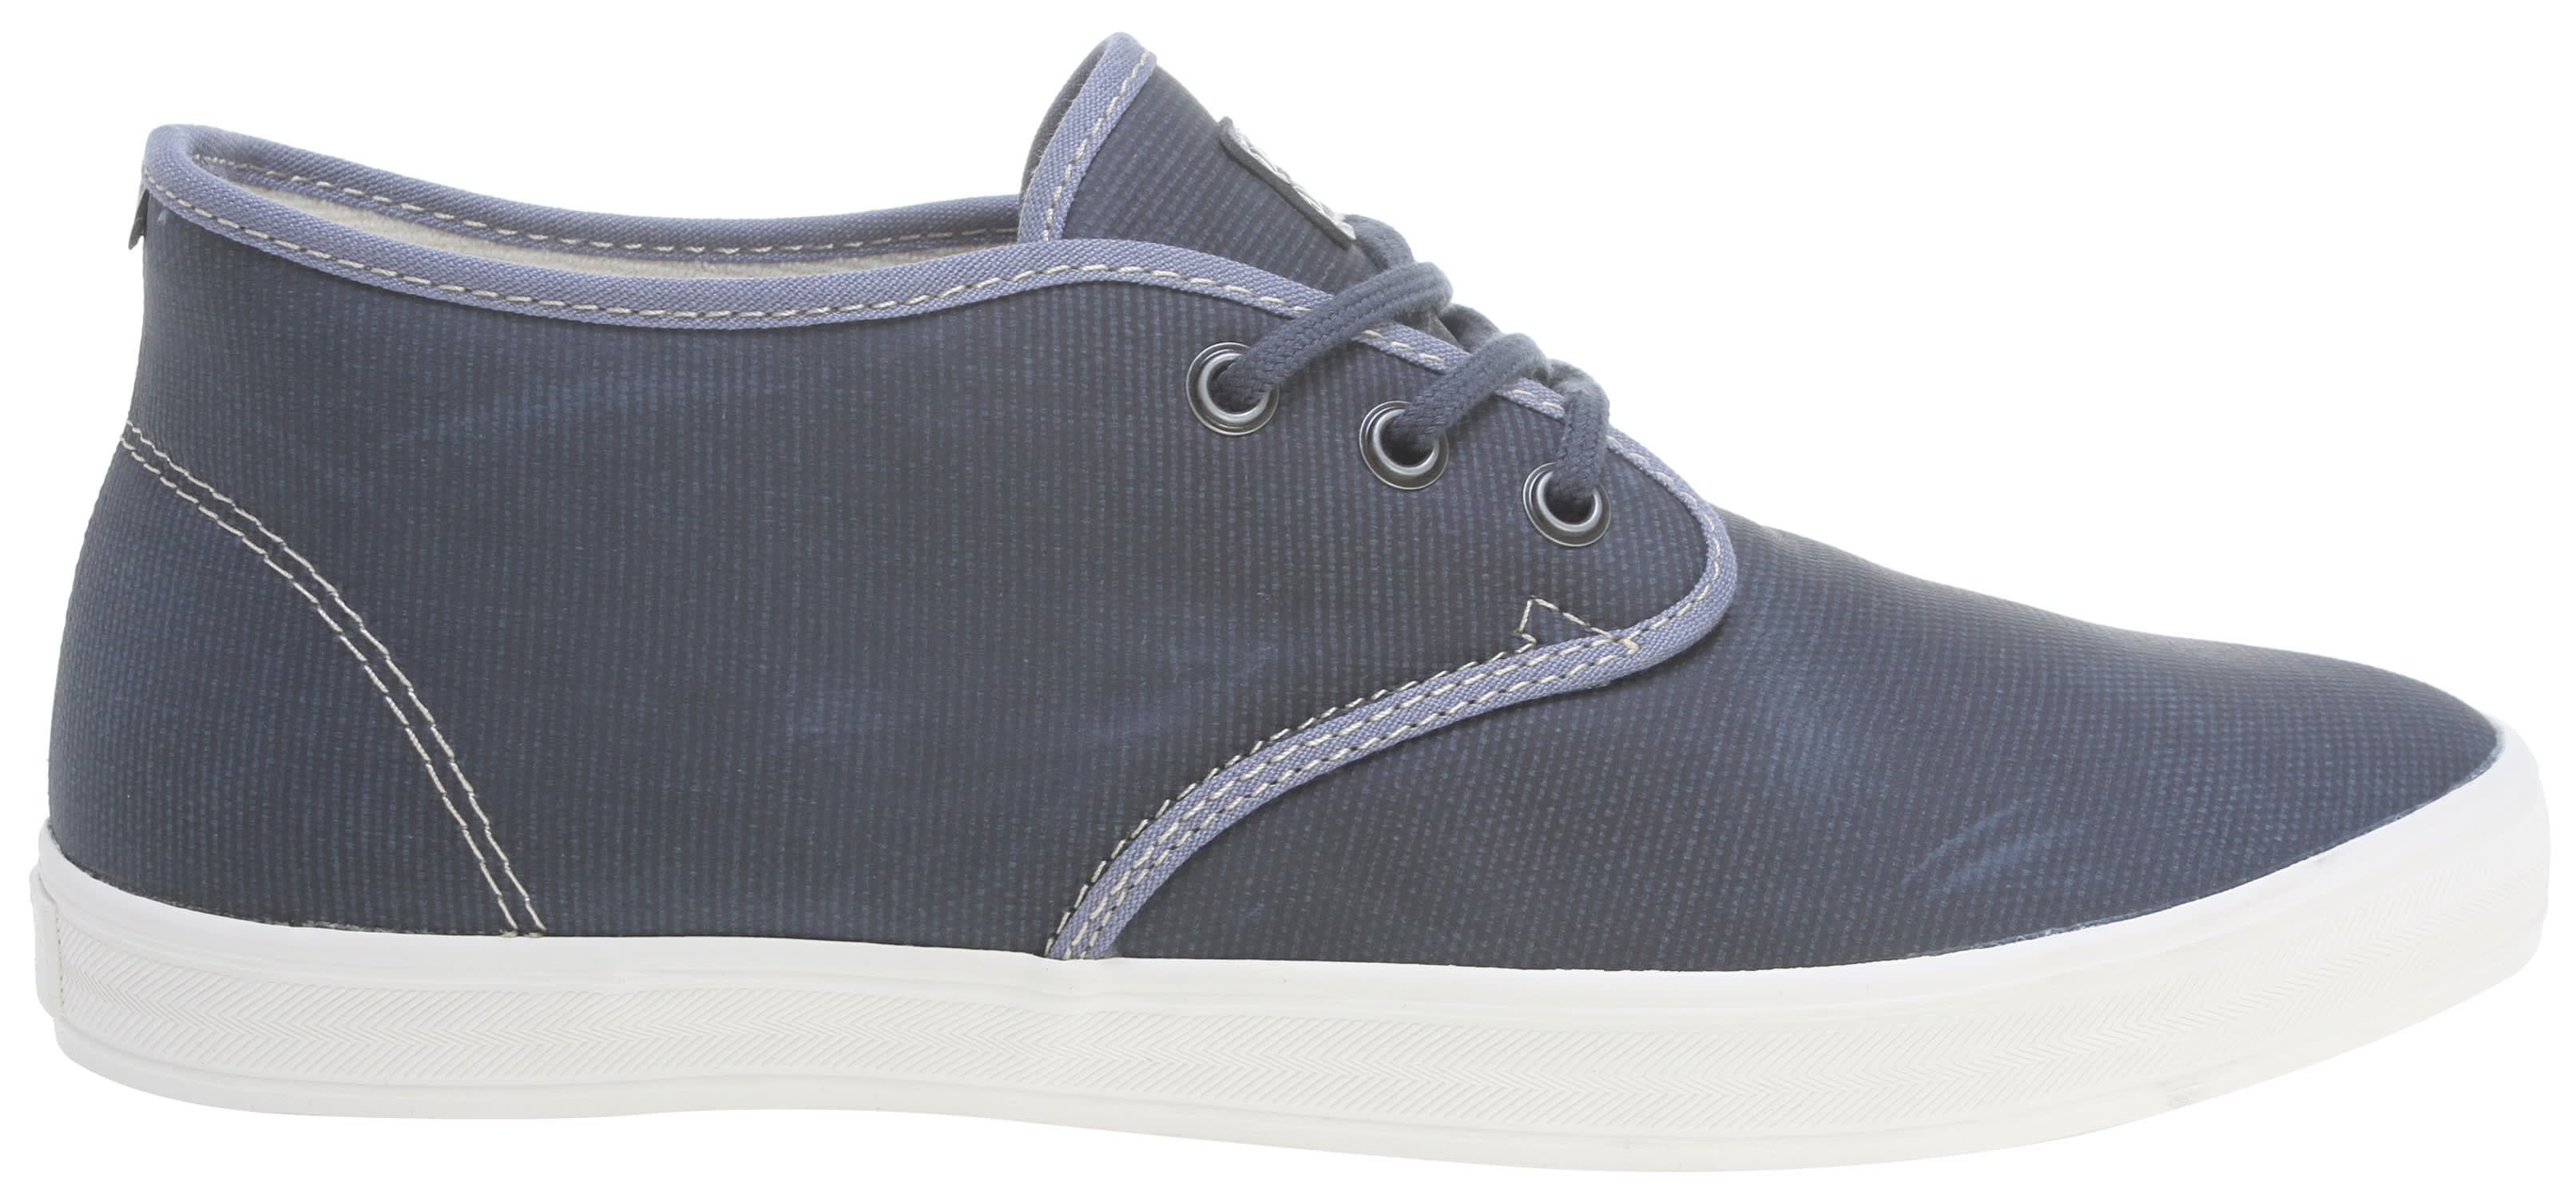 c006d5b38a5 Gravis Quarters LX Shoes - thumbnail 1